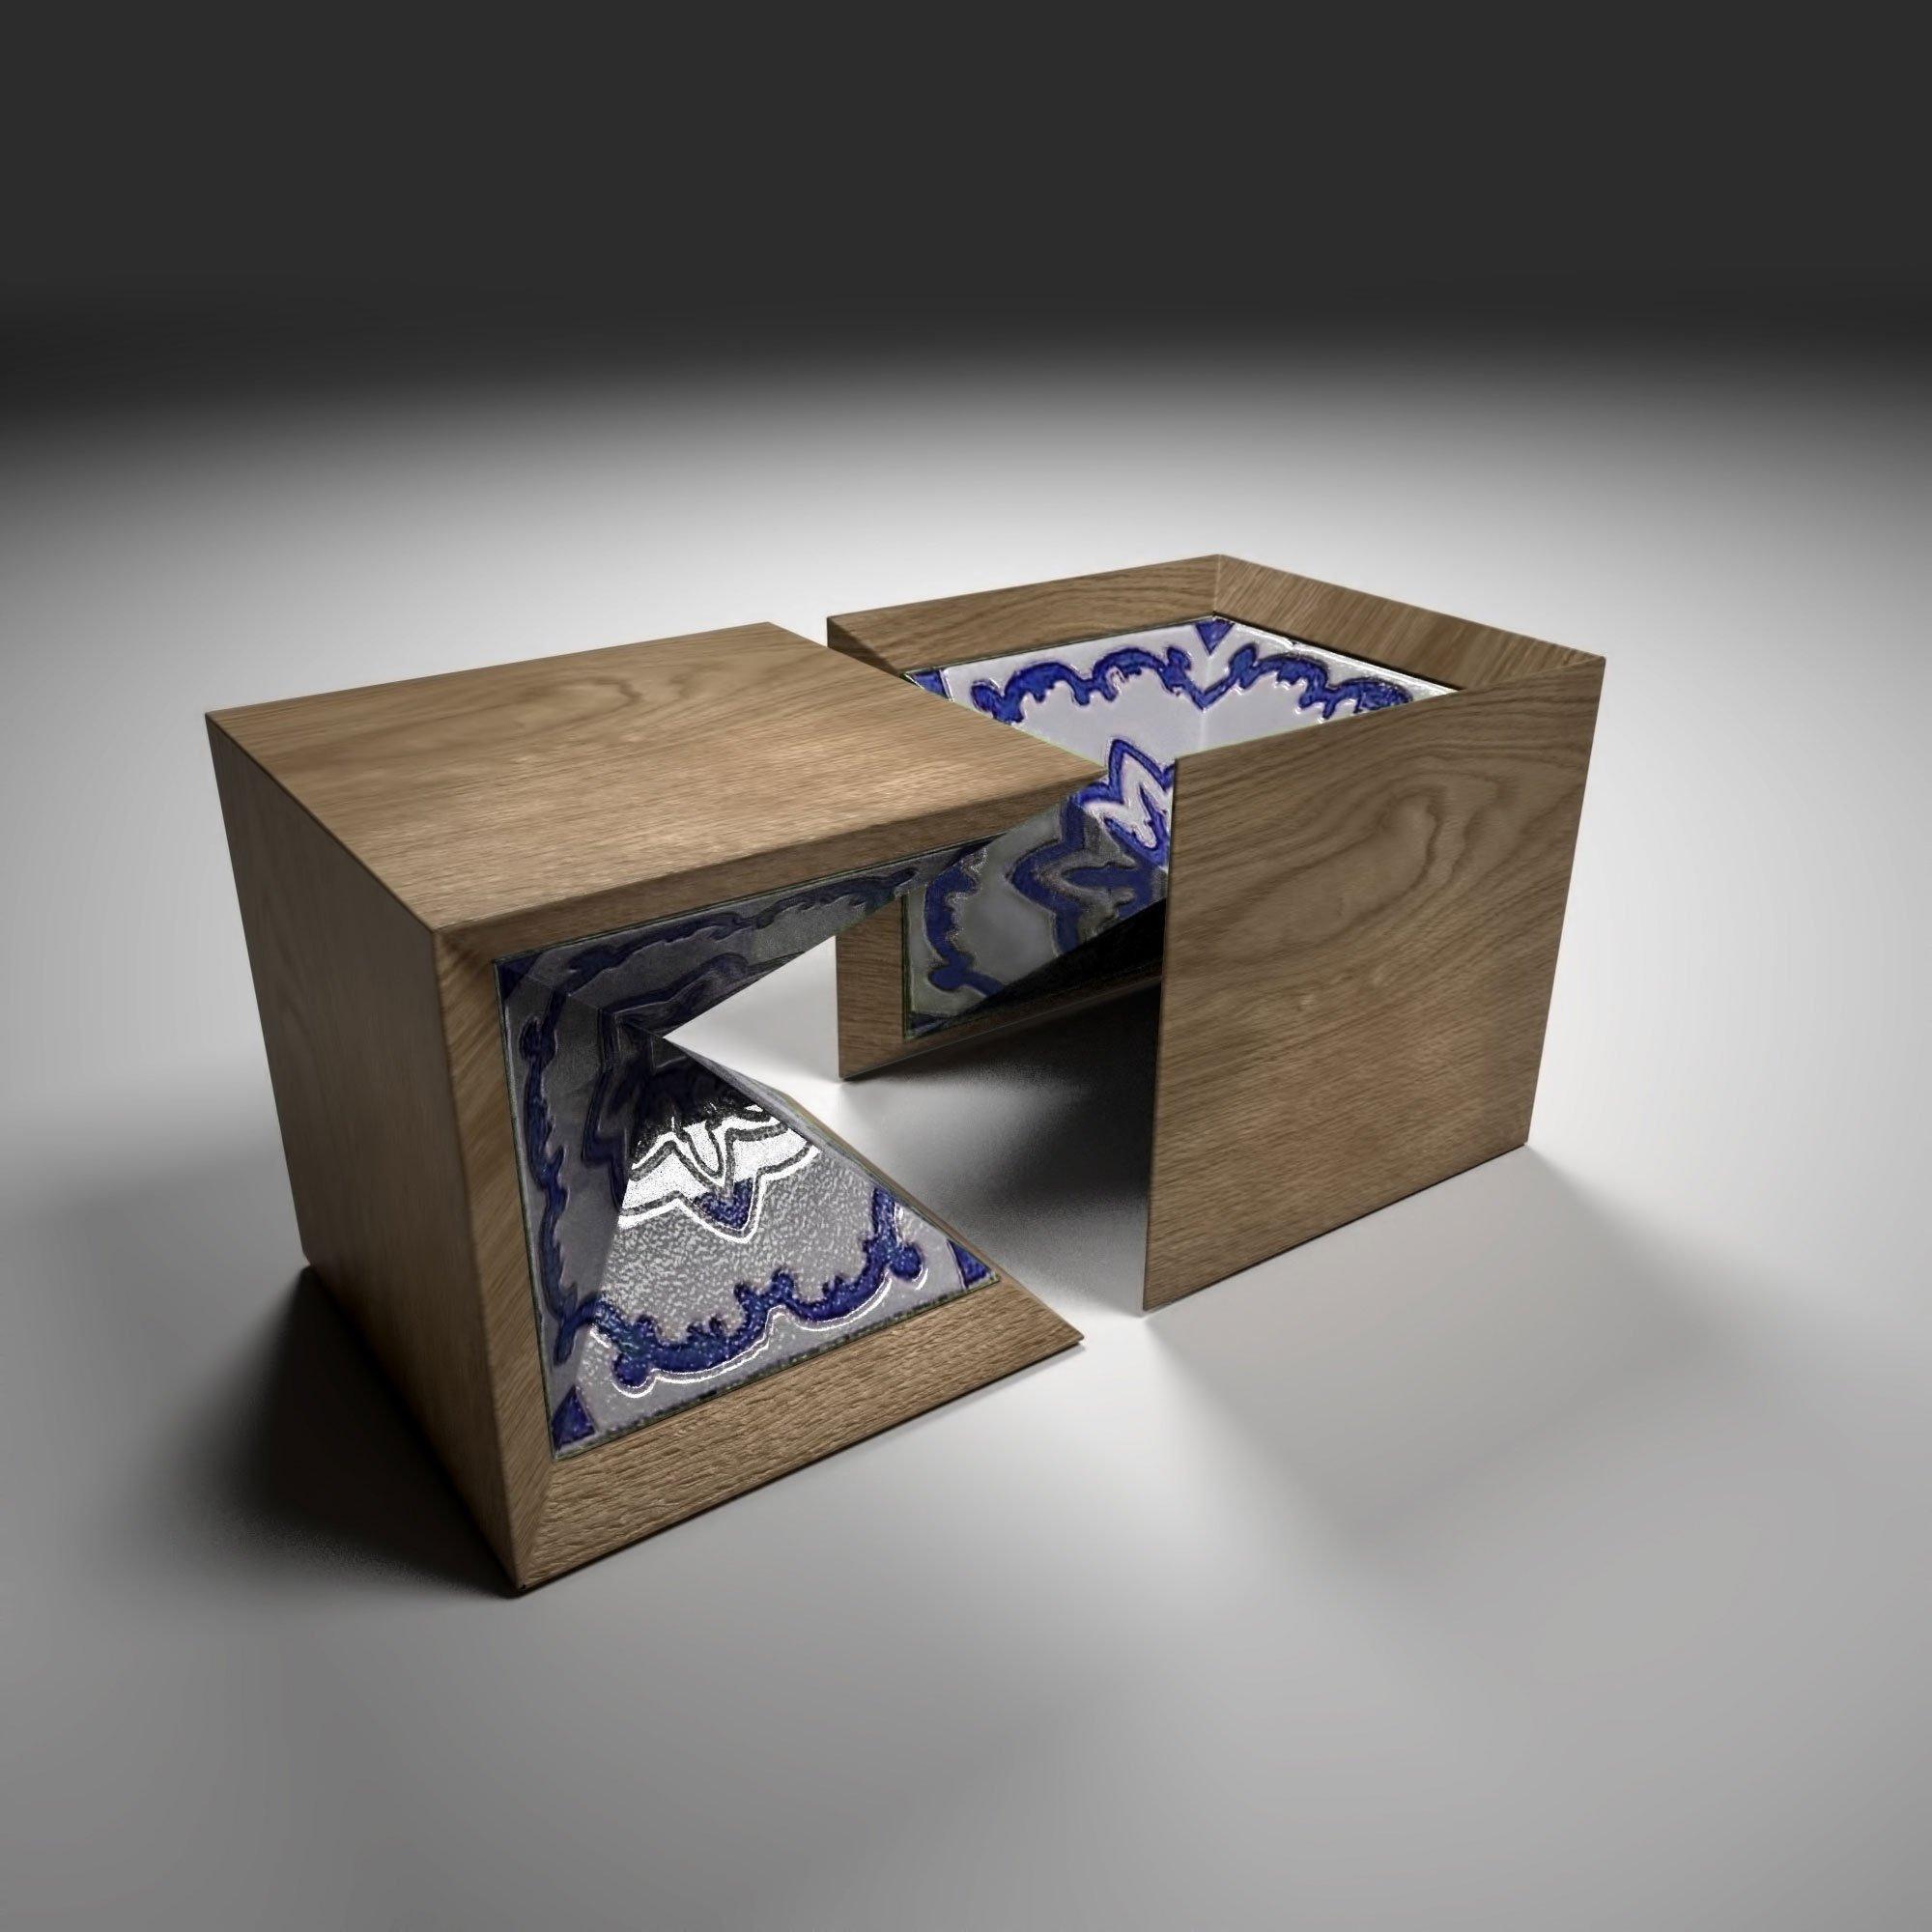 qbico-wood-ceramic-marcellocannarsa-product-designer